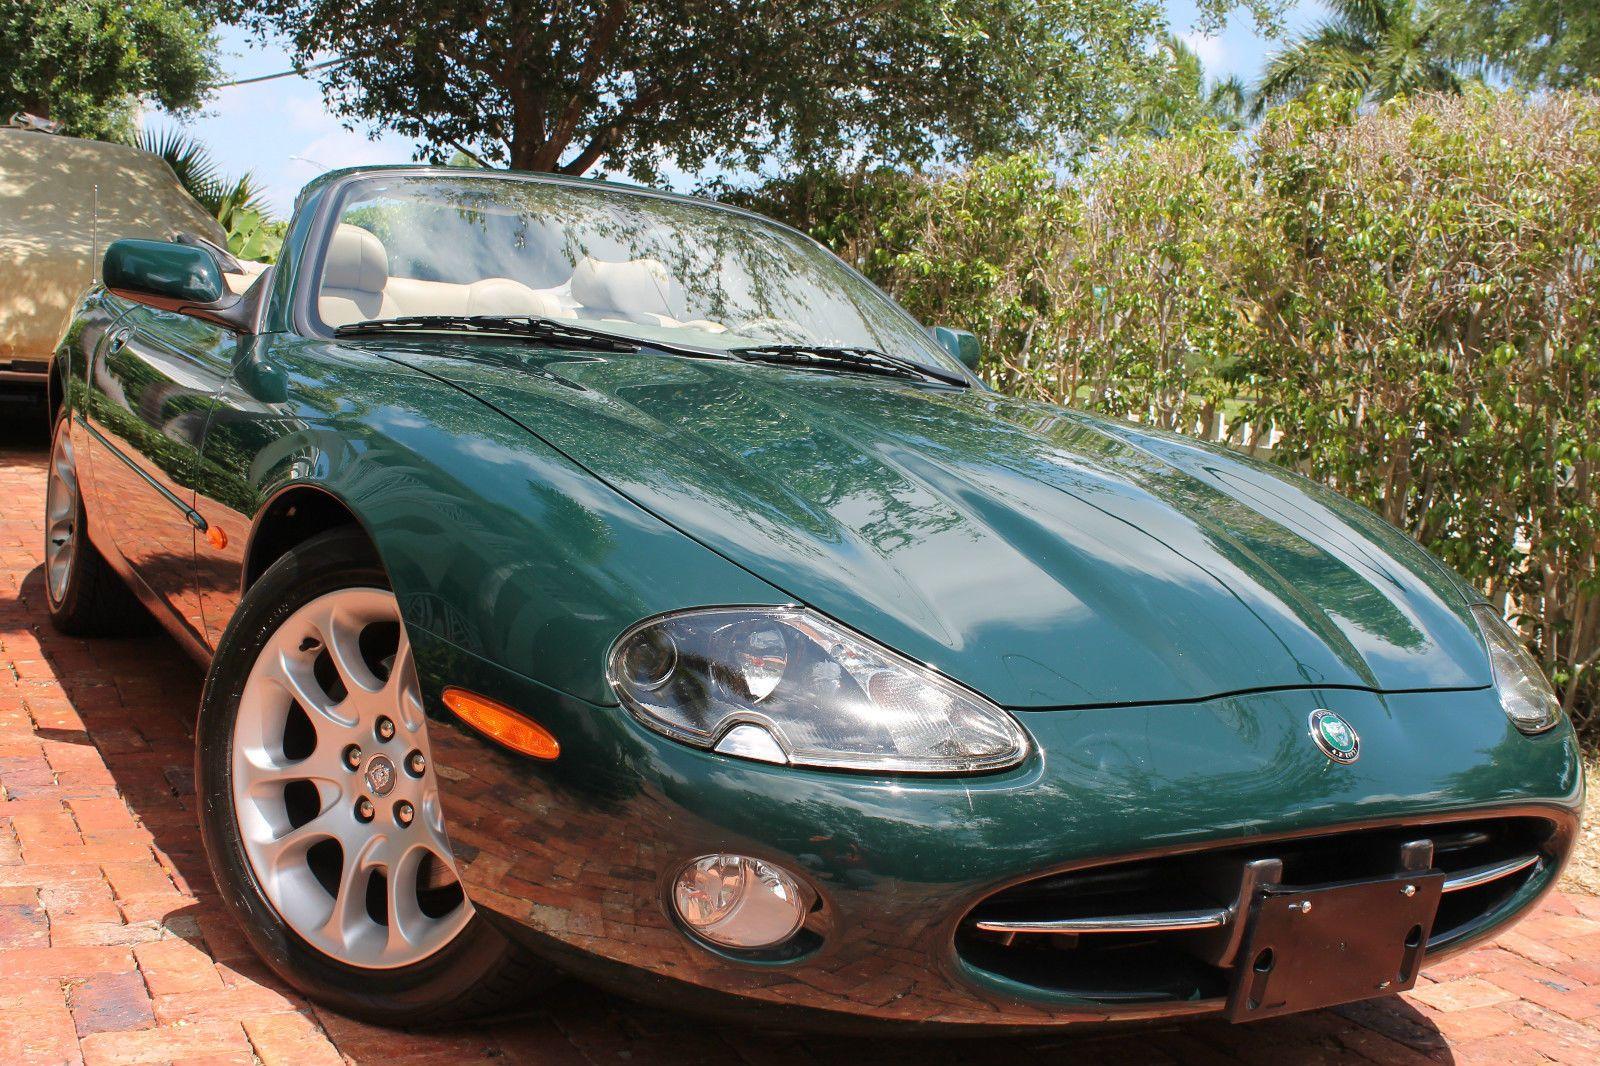 2017 Jaguar Xe 35t Premium >> 2003 Jaguar XK8 Luxury Performance Convertible for sale